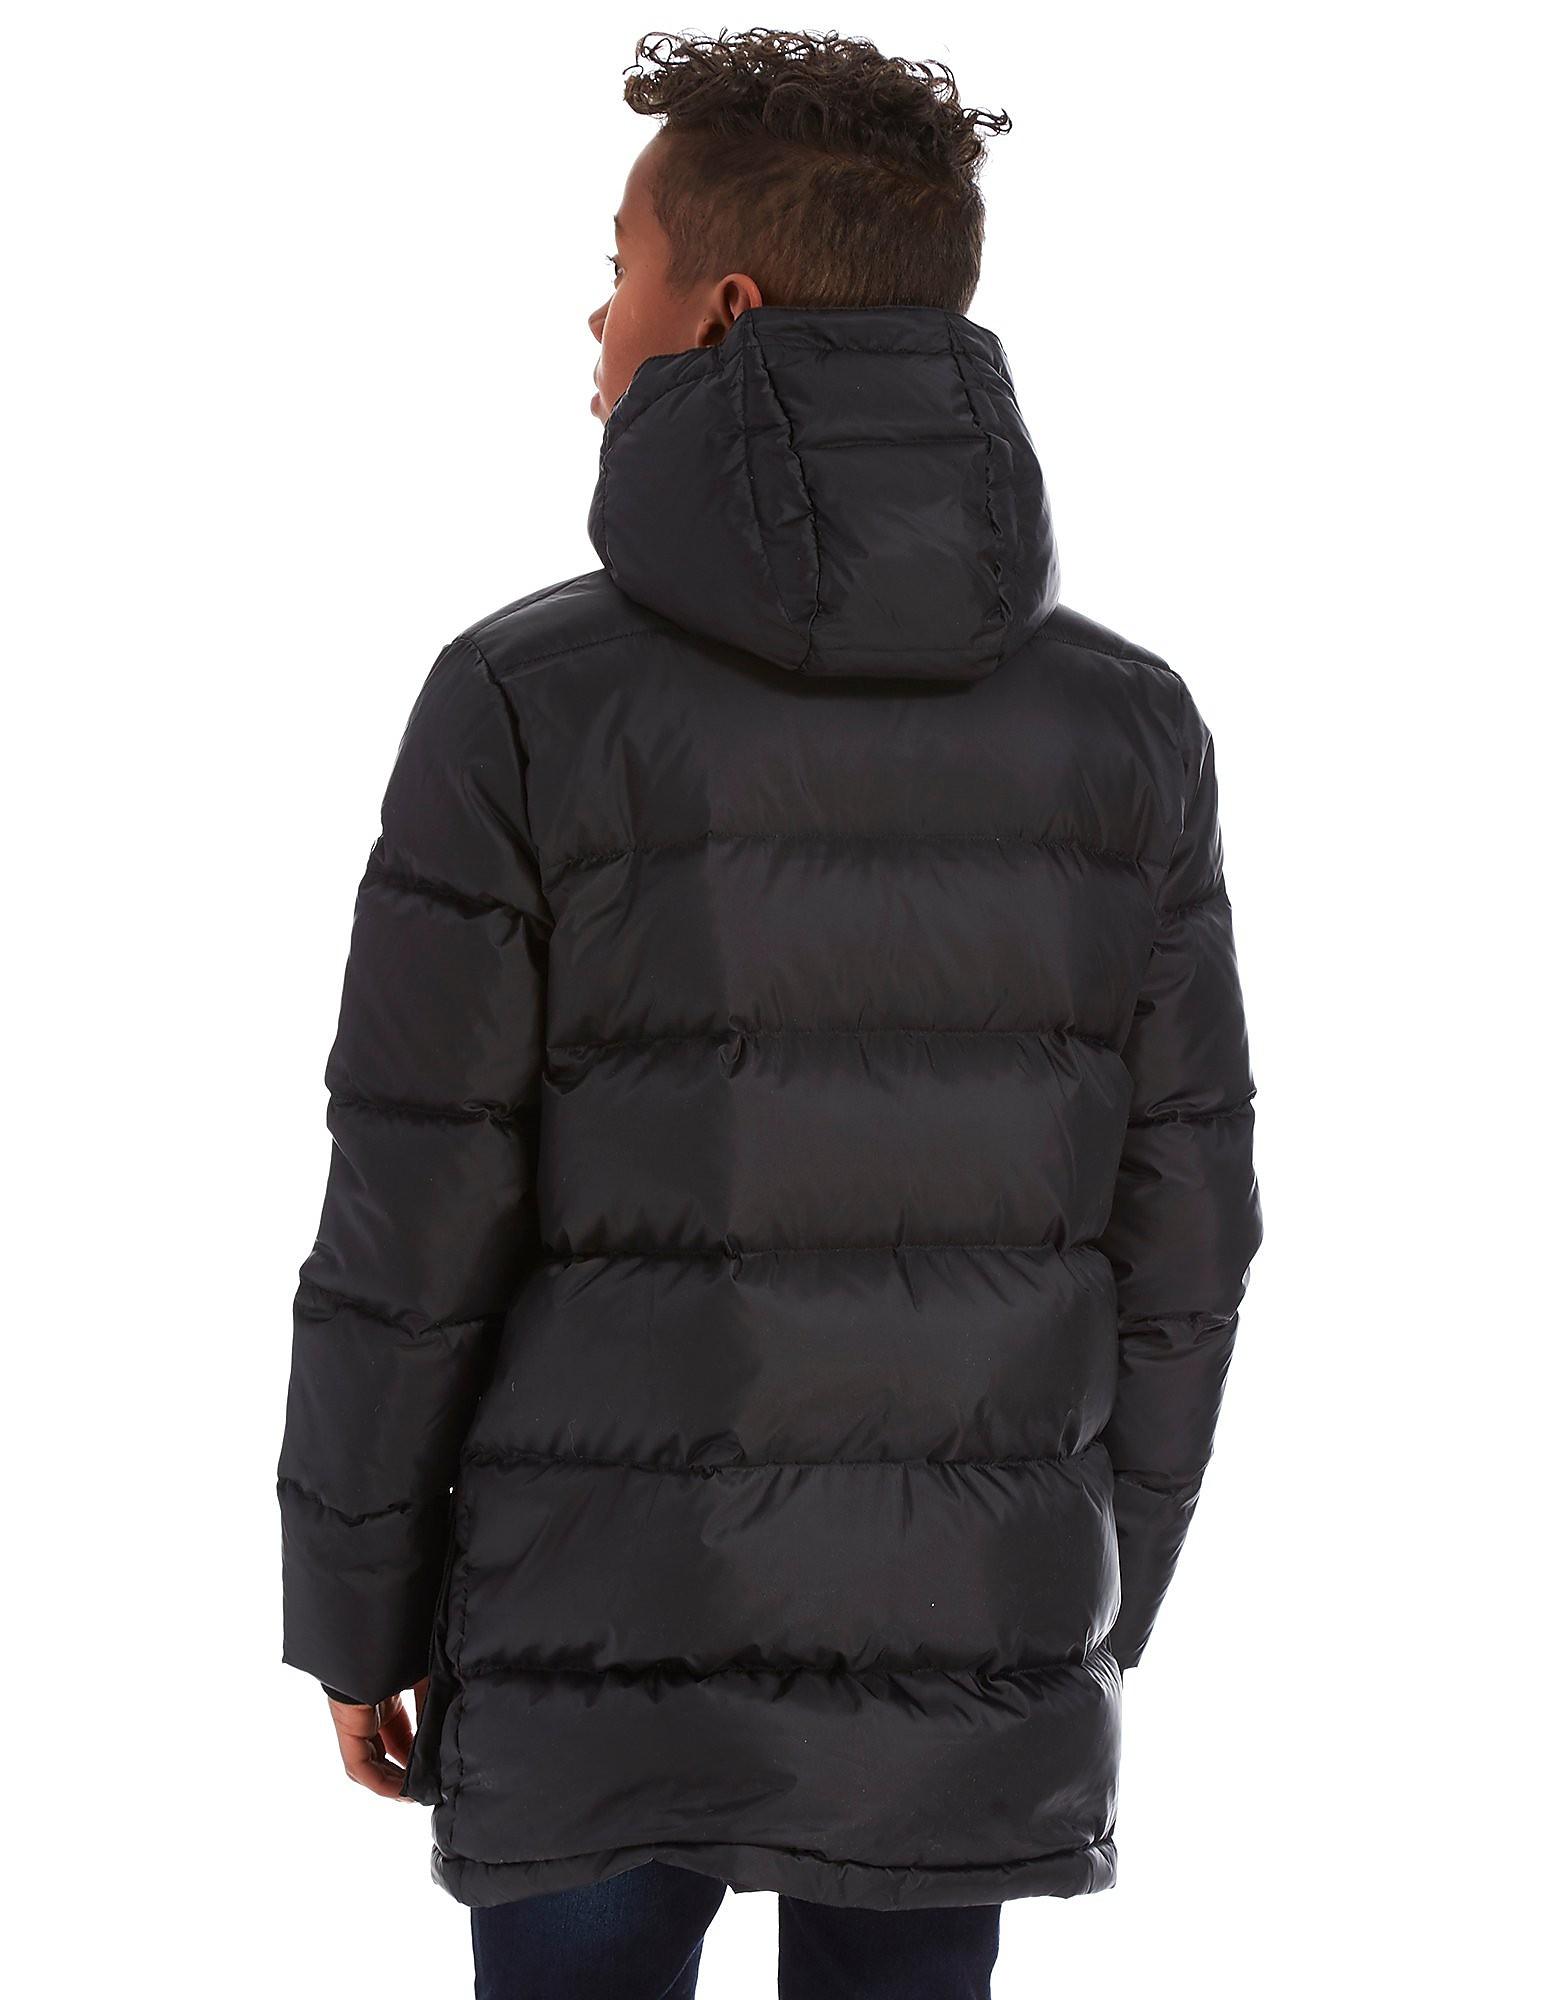 Emporio Armani EA7 chaqueta Mountain Parka júnior